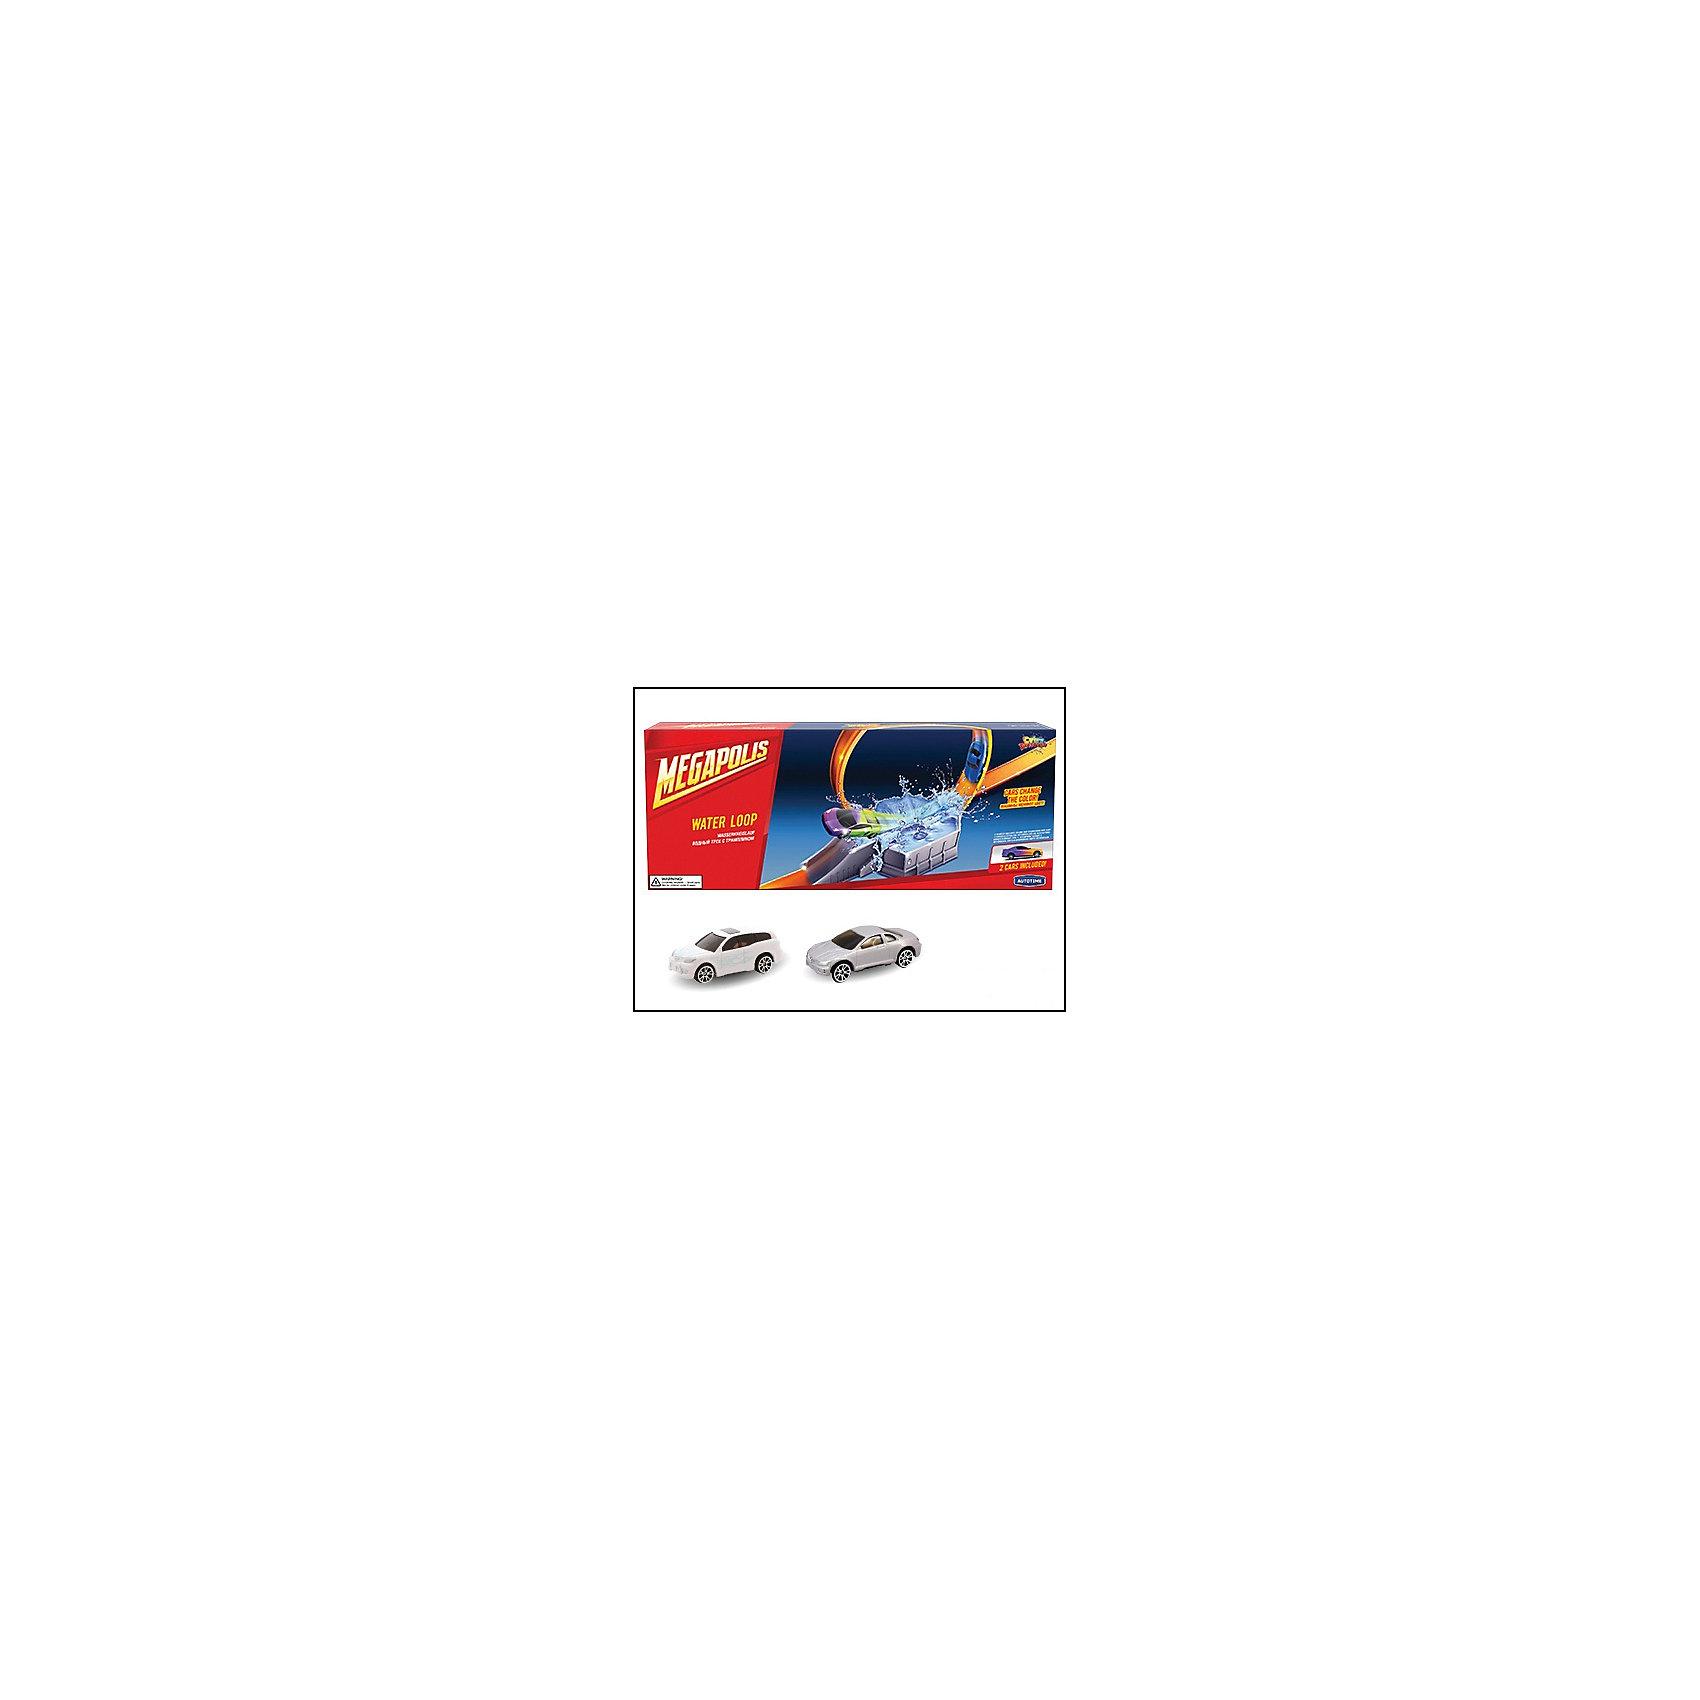 Металлическая машинка Color Twisters Water Splash-2 с треком, AutotimeМашинки<br>Металлическая машинка Color Twisters Water Splash-2 с треком, Autotime (Автотайм).<br><br>Характеристики:<br><br>• В наборе: 2 металлические машины, элементы для сборки трека с трамплином<br>• Материал: металл, прочный пластик<br>• Упаковка: картонная коробка<br>• Размер упаковки: 45,5х7х18 см.<br><br>Игровой набор Color Twisters Water Splash-2 с треком от Autotime (Автотайм)- мечта любого мальчишки! В него входят элементы для сборки трека-горки с трамплином и две металлические машинки белого и серебристого цвета, которые меняют свой цвет от соприкосновения с водой. Трек устанавливается таким образом, что машины съезжают сверху вниз, разгоняются, приобретая достаточную скорость, чтобы пройти через трамплин. После прохождения трамплина машины попадают в отсек с холодной водой и выезжают оттуда, с изменившимся цветом корпуса. Чем холоднее вода, тем интенсивней окрашивание. Изначальный цвет постепенно возвращается при комнатной температуре. Если же ребенок хочет, чтобы цвет вернулся немедленно, достаточно положить машину в горячую воду. При попадании небольшого количества воды на машину, она может поменять цвет частично. Ваш ребенок будет в восторге от такого подарка и проведет много увлекательных часов, играя с этим набором!<br><br>Металлическую машинку Color Twisters Water Splash-2 с треком, Autotime (Автотайм) можно купить в нашем интернет-магазине.<br><br>Ширина мм: 350<br>Глубина мм: 120<br>Высота мм: 158<br>Вес г: 500<br>Возраст от месяцев: 36<br>Возраст до месяцев: 2147483647<br>Пол: Мужской<br>Возраст: Детский<br>SKU: 5583855